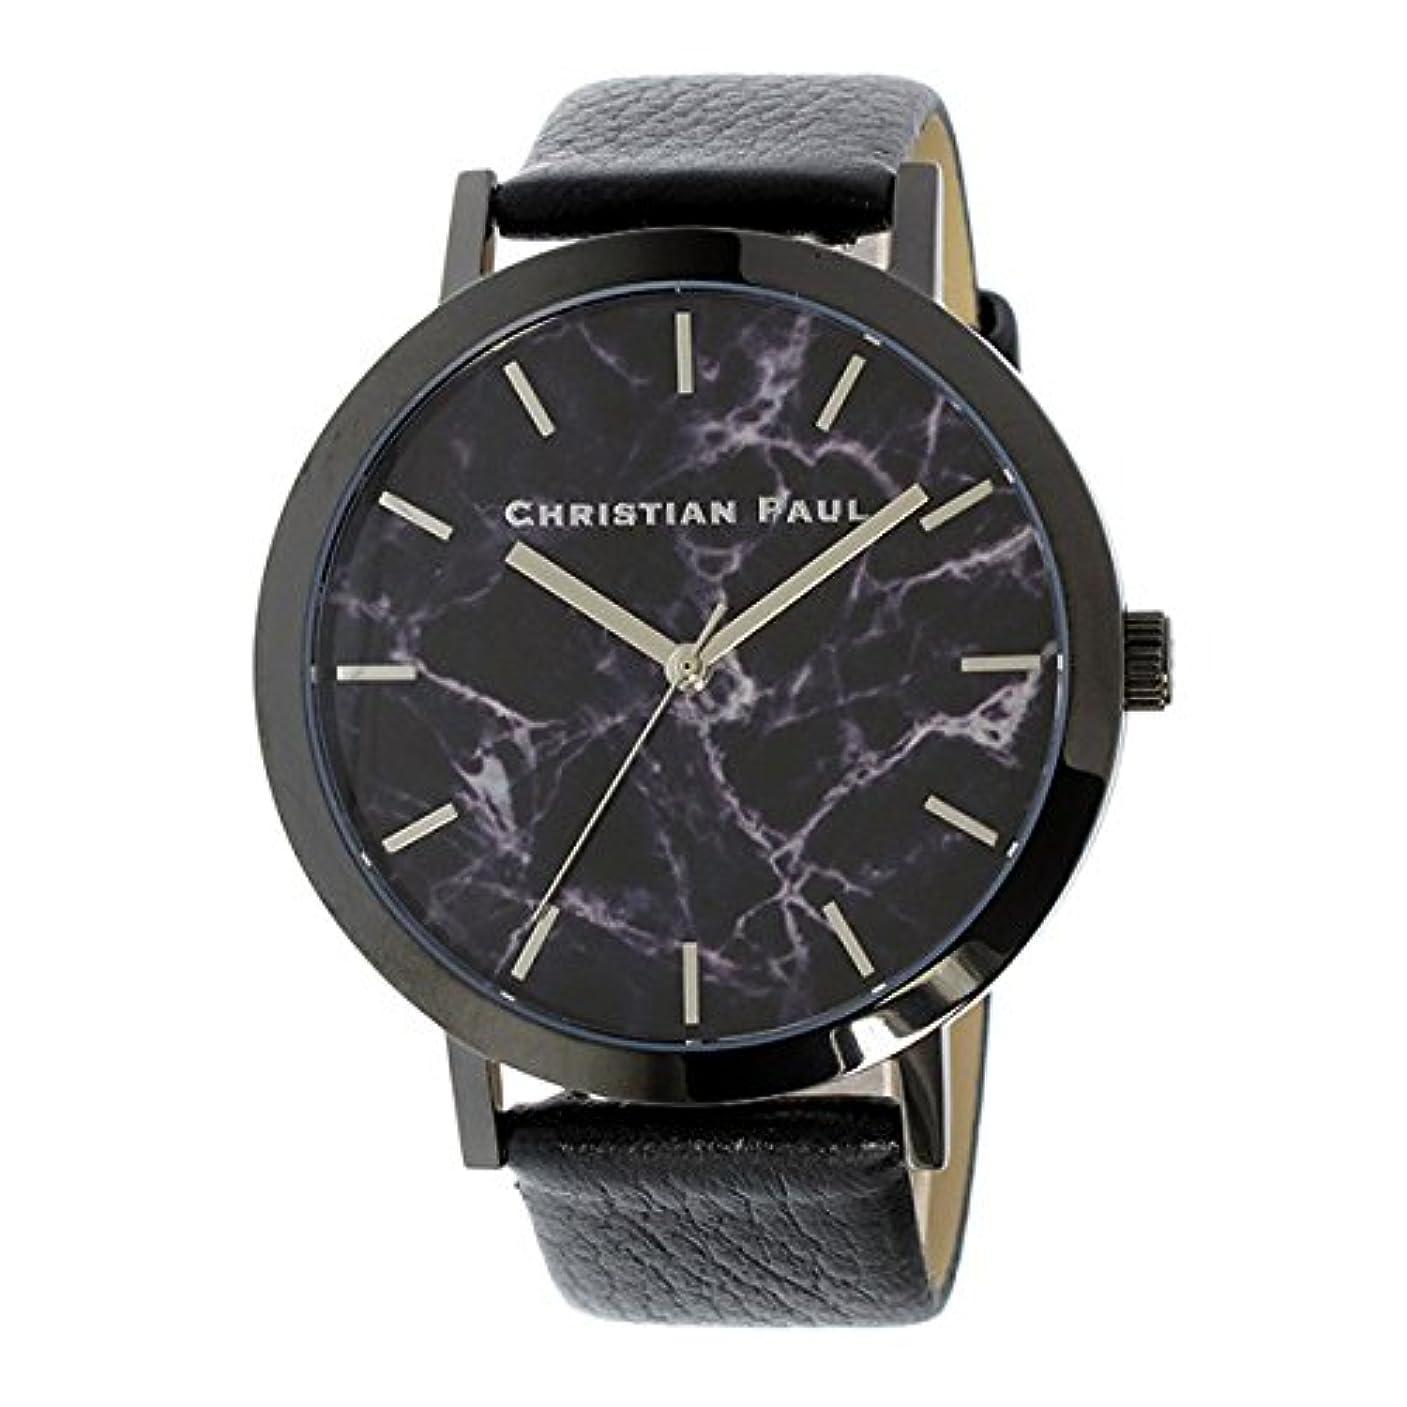 モナリザ専門シンプトンクリスチャンポール CHRISTIAN PAUL マーブル 腕時計 MR-01(MAR-10 MBB4301) ブラック/ブラック ブラック [並行輸入品]